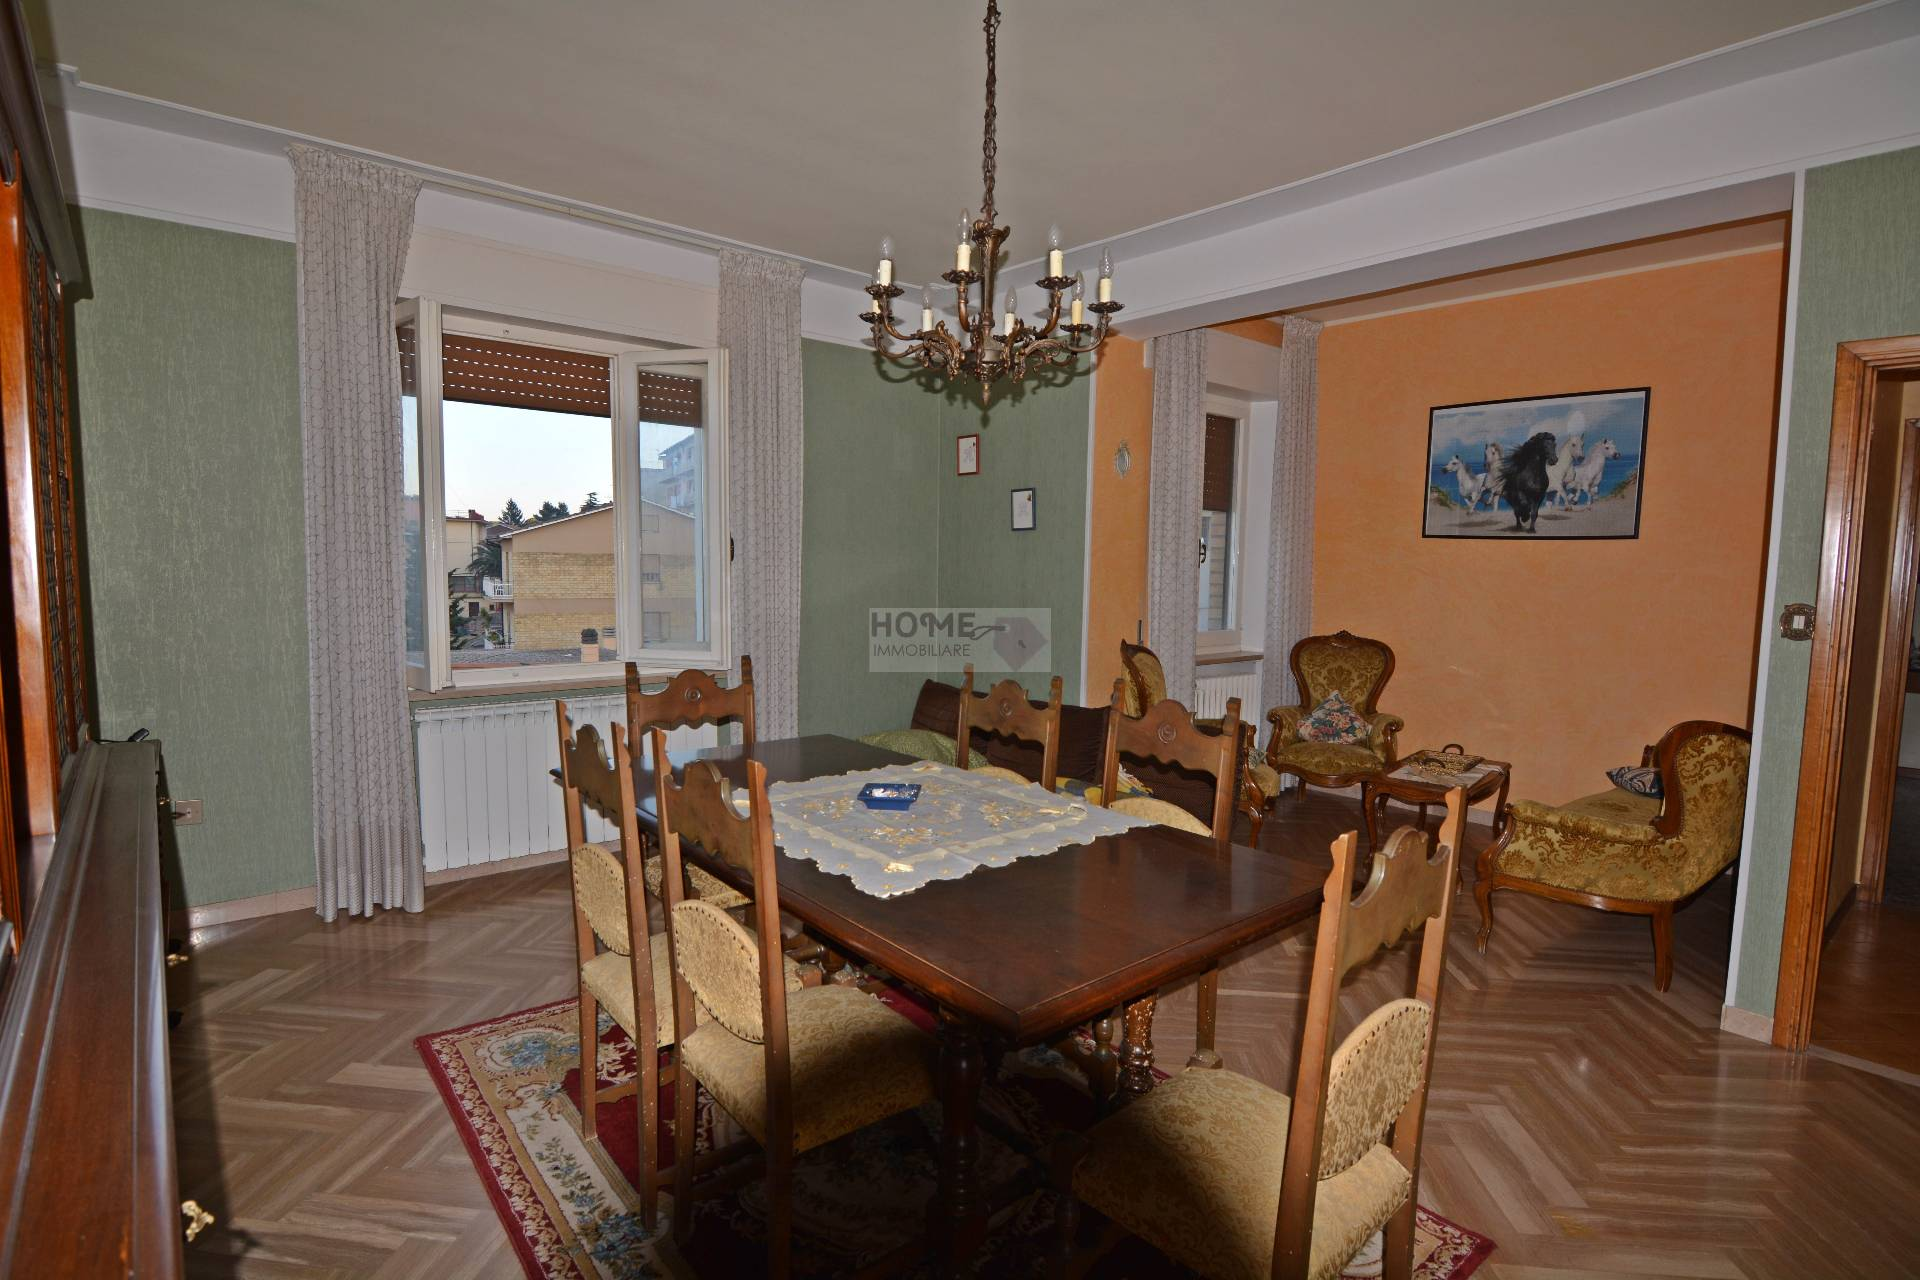 Appartamento in vendita a Corridonia, 7 locali, zona Località: zonasemi-centrale, prezzo € 90.000 | Cambio Casa.it